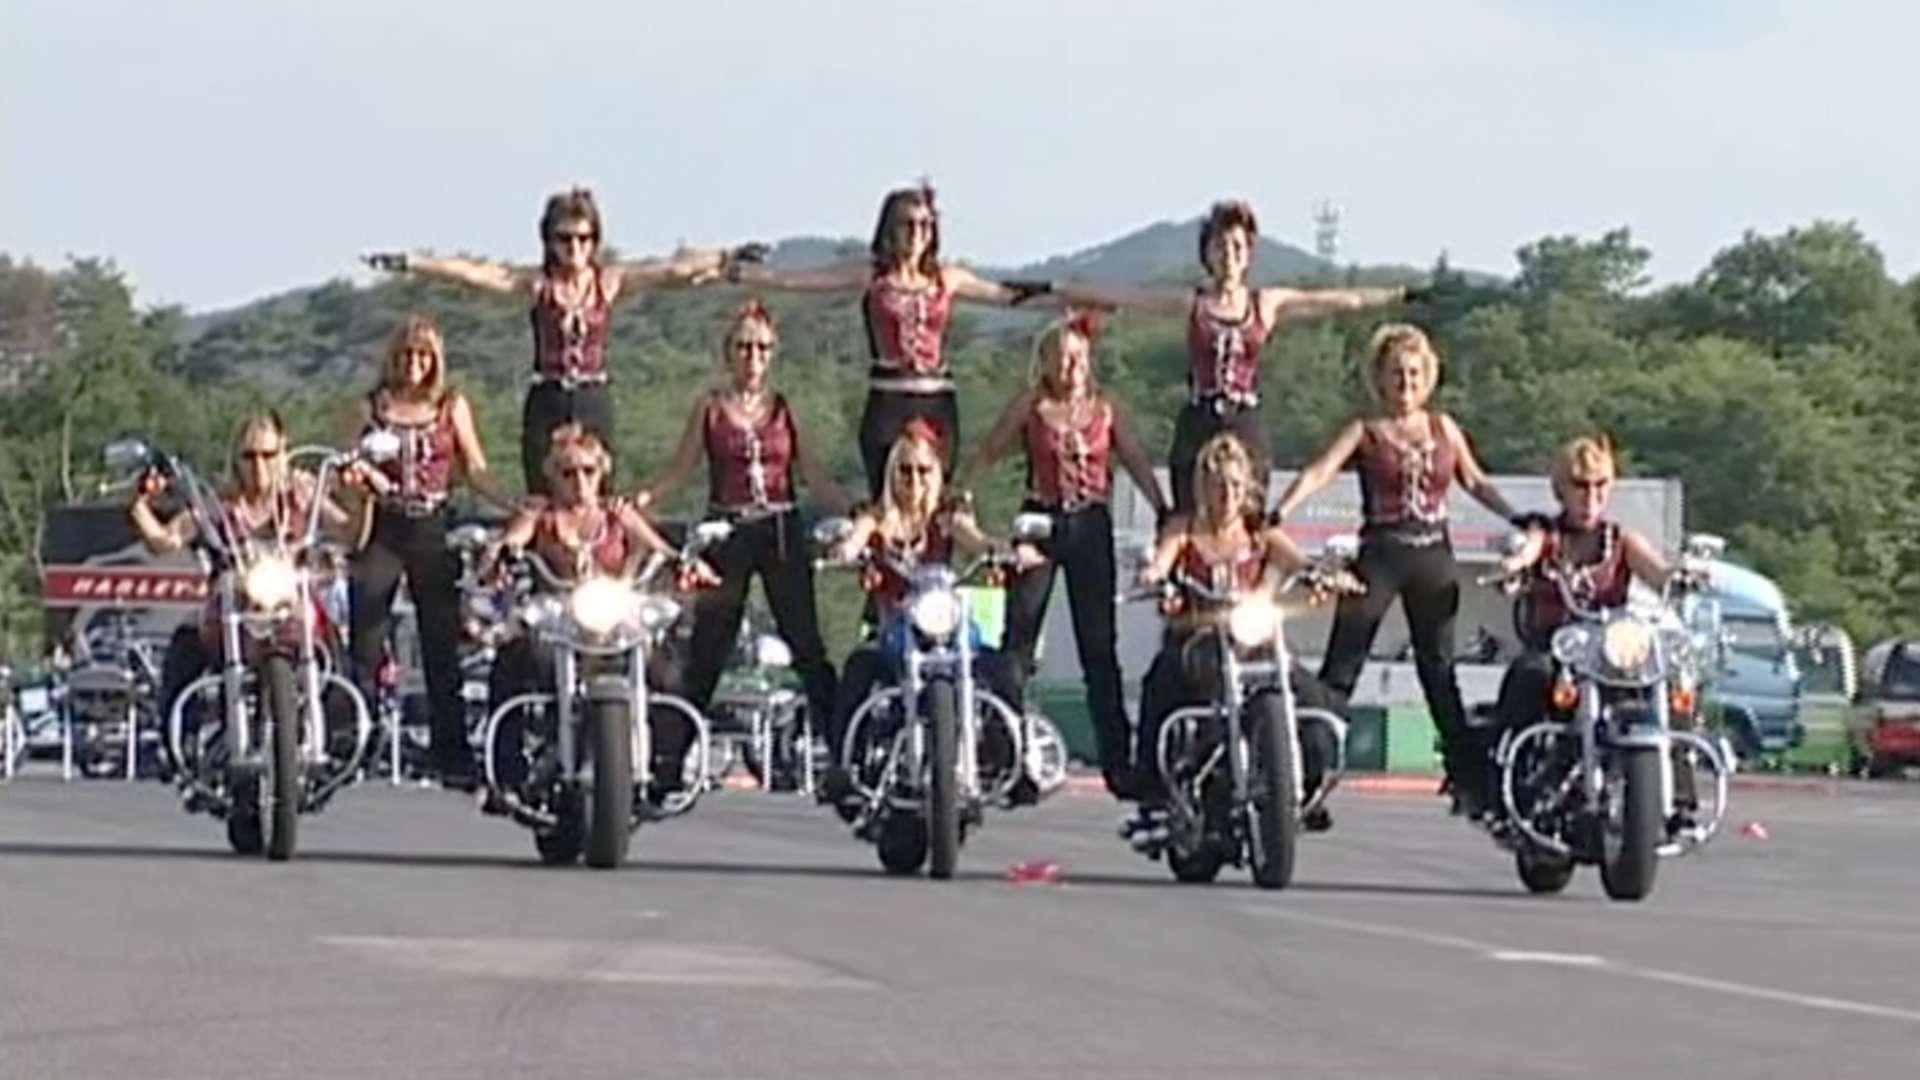 富士ブルースカイヘブン2005レポート〈X-TREME スーパーテクニック〉[2004]